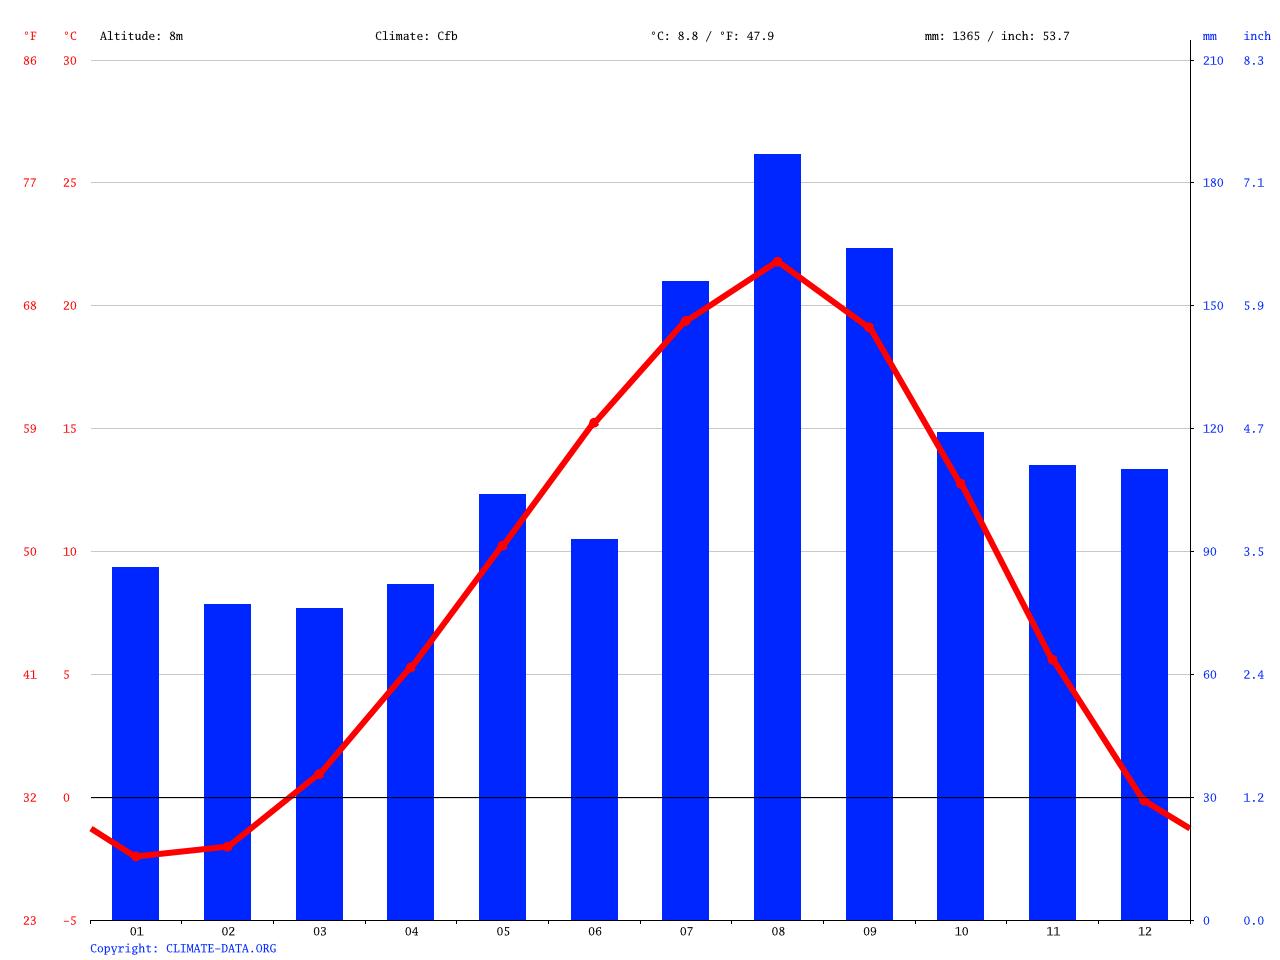 気候:上ノ国町-気候グラフ、気温グラフ、雨温図 - Climate-Data.org